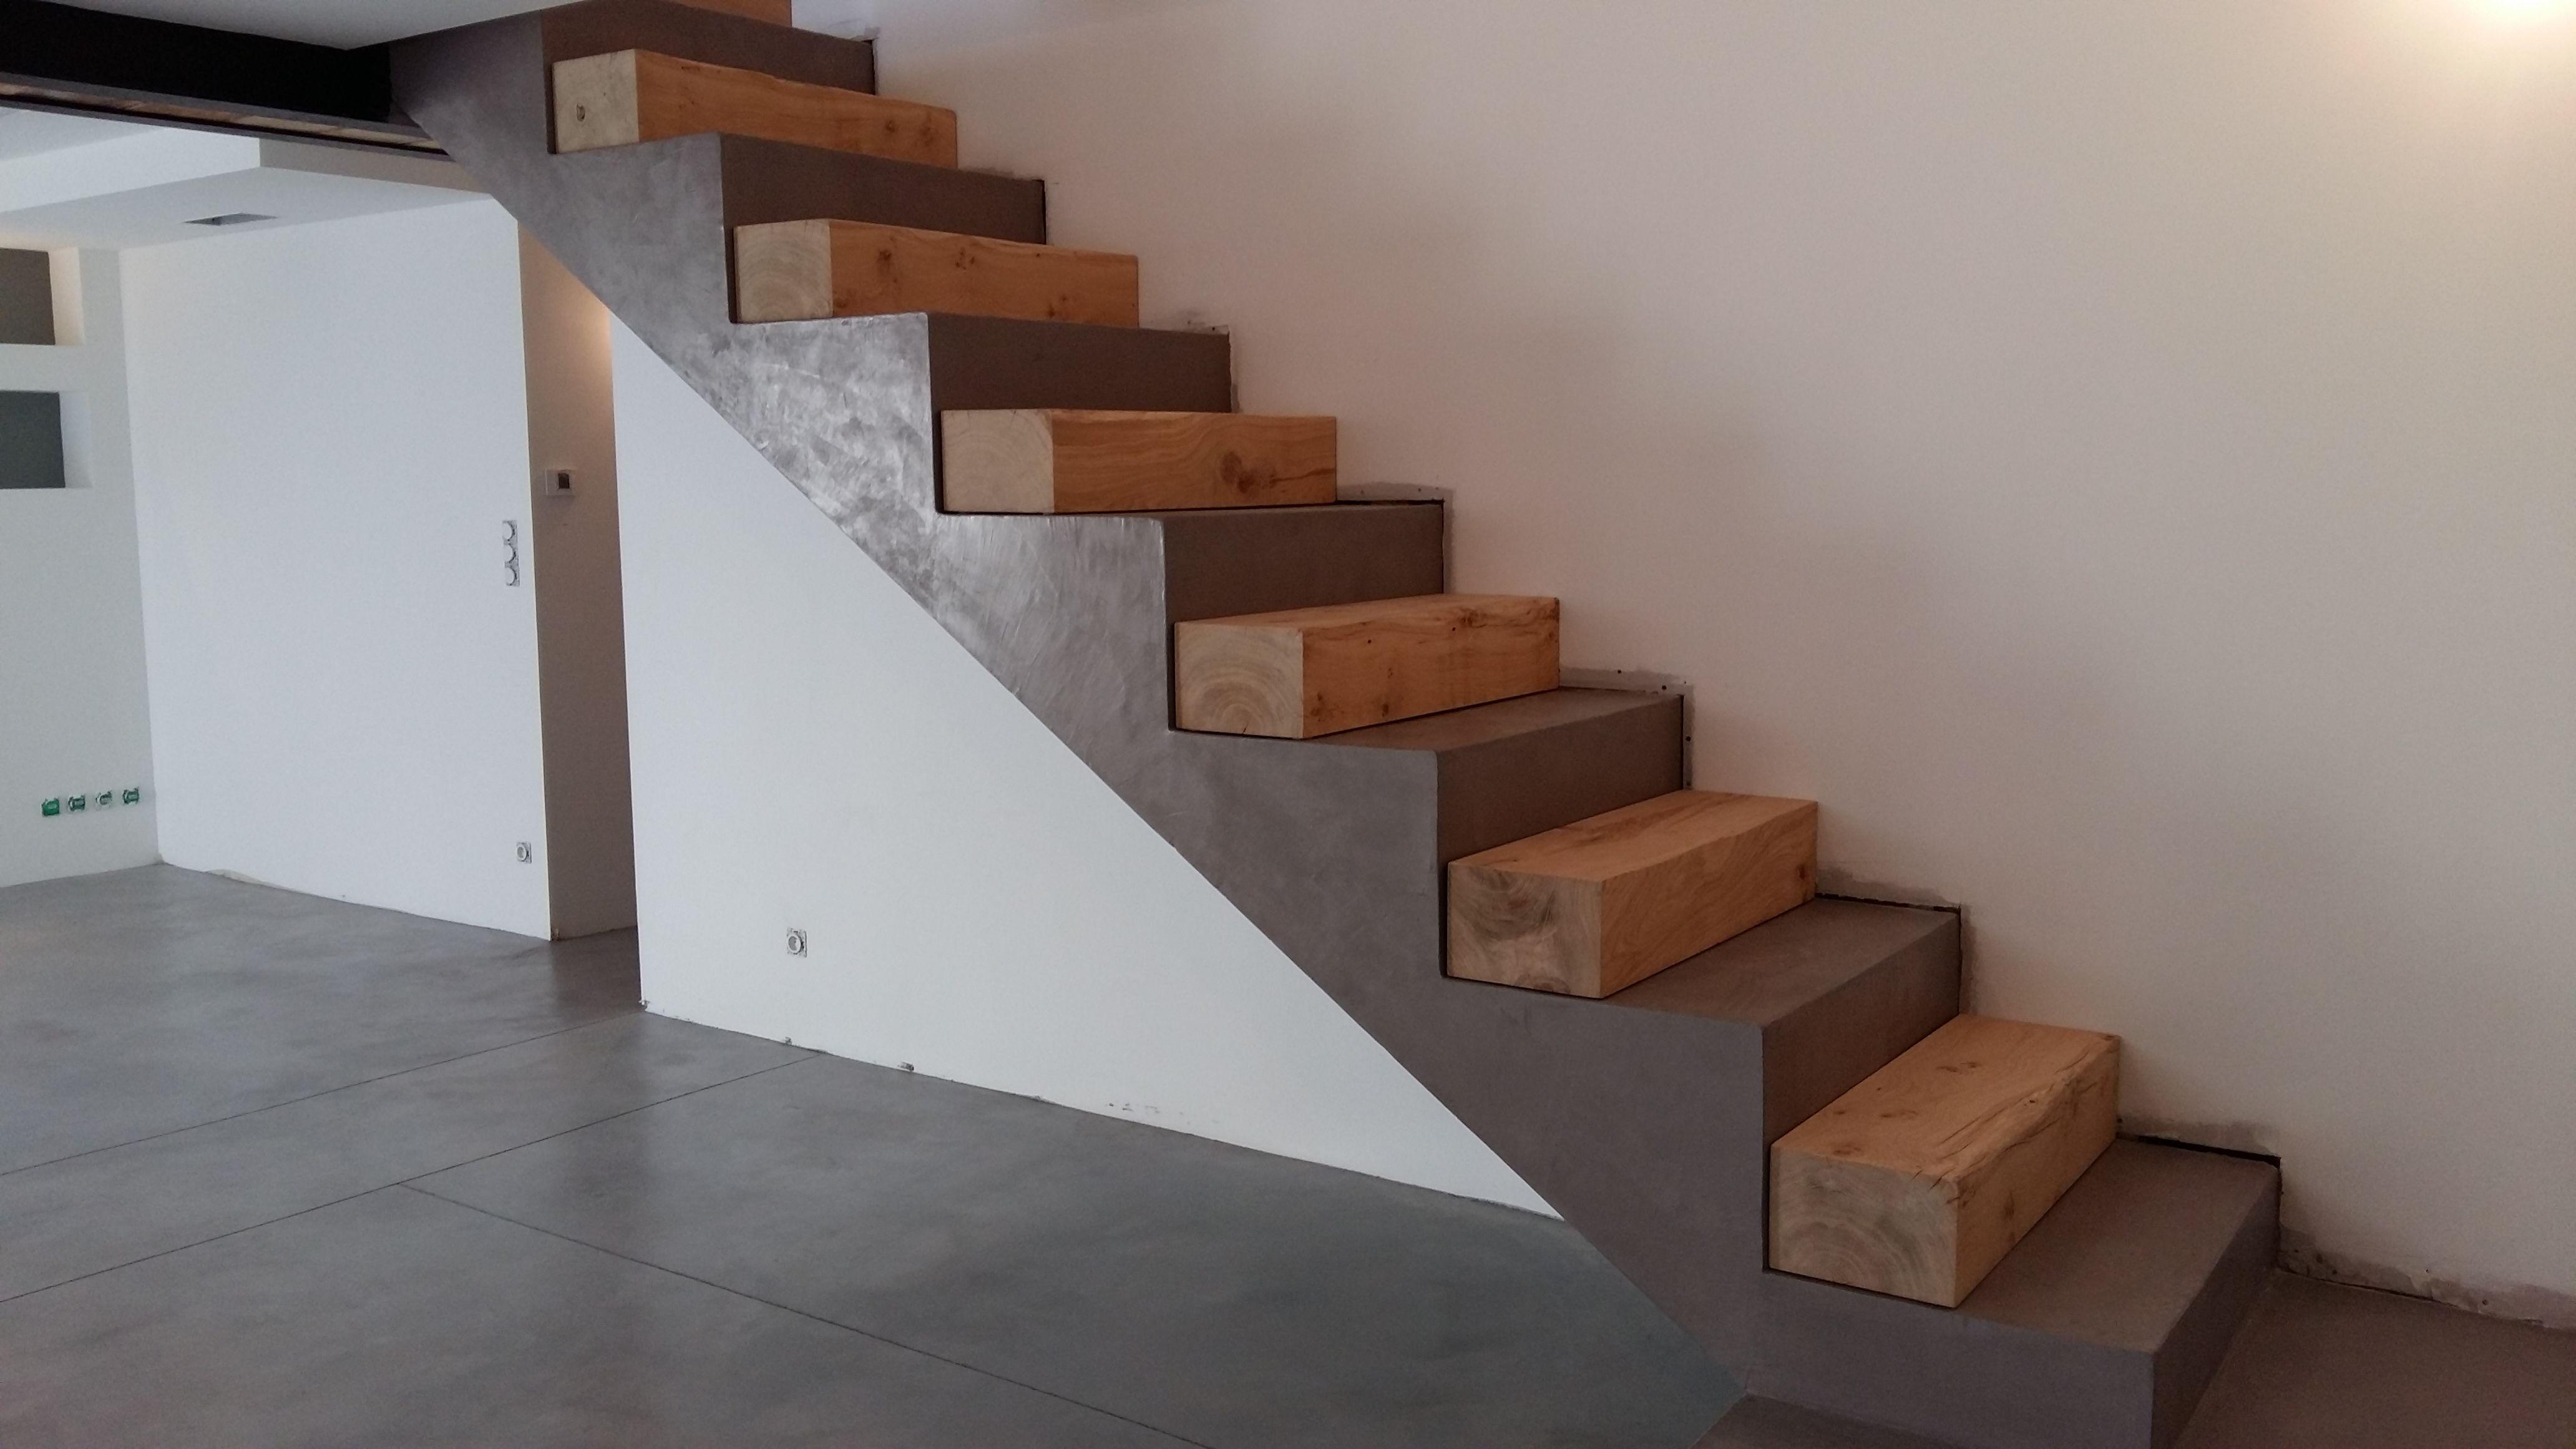 Recouvrir Vos Marches D Escalier En Beton Vous Y Avez Pense Le Beton Cire Permet De Donner Un Sty Habillage Escalier Escalier Beton Habillage Escalier Beton